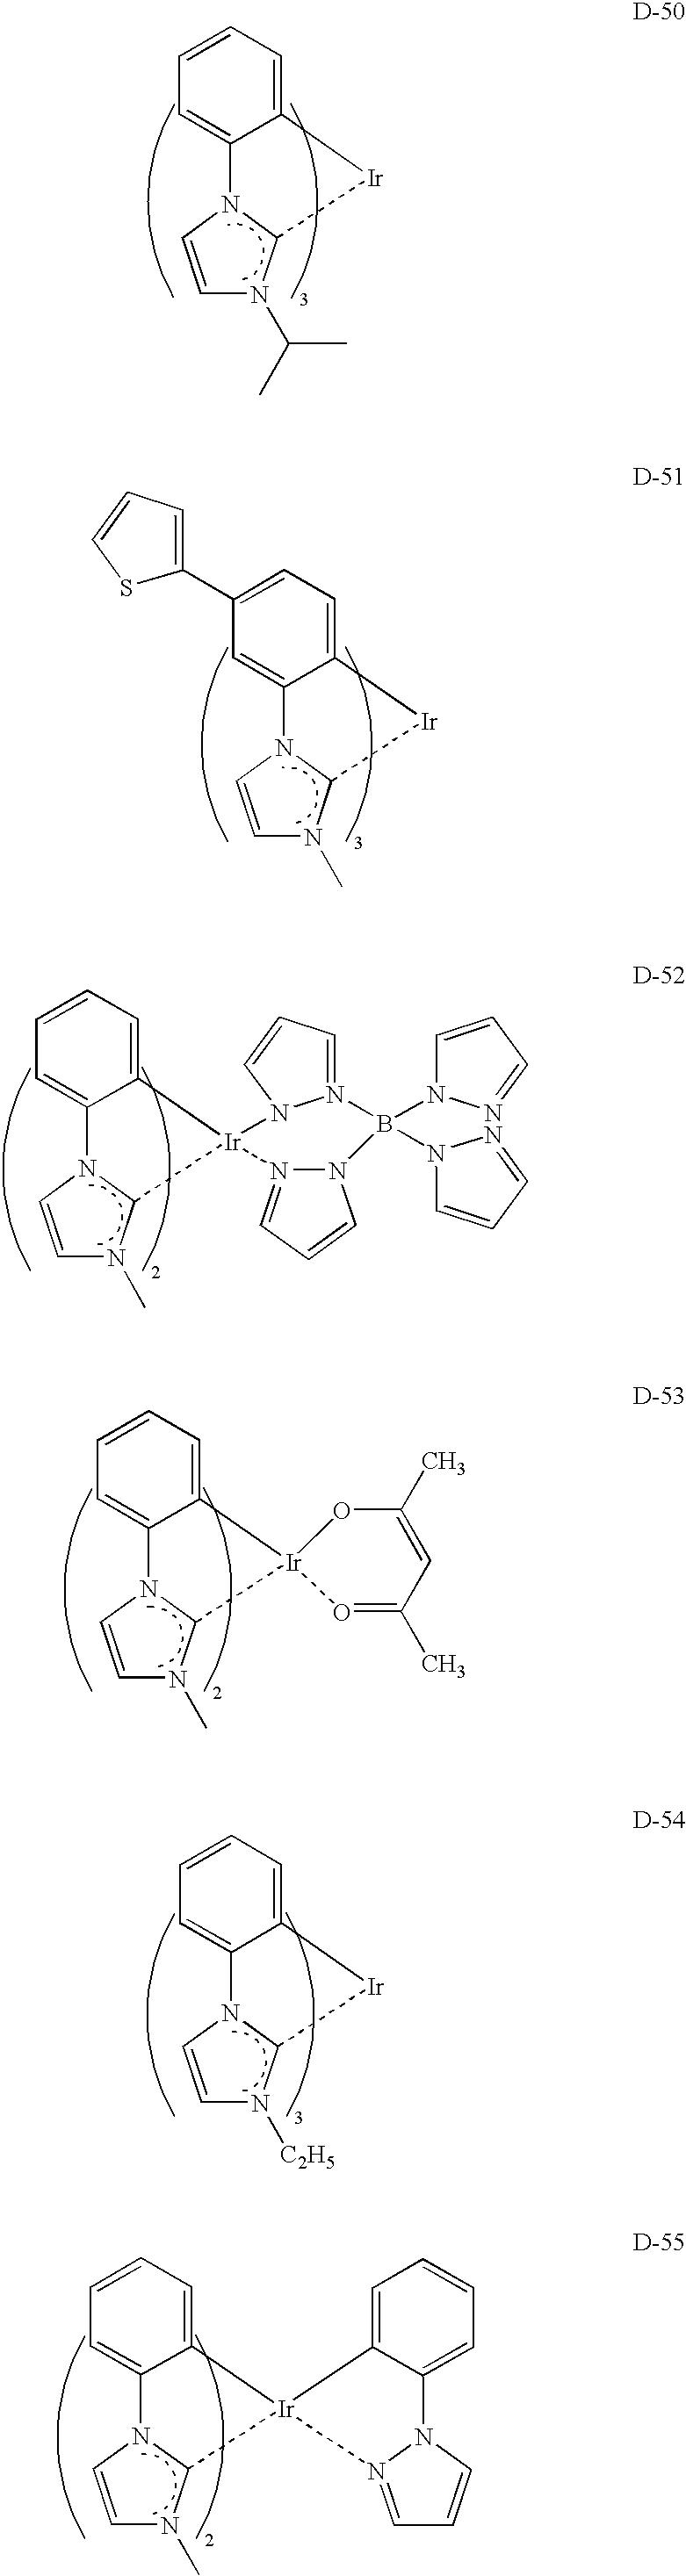 Figure US08053765-20111108-C00030